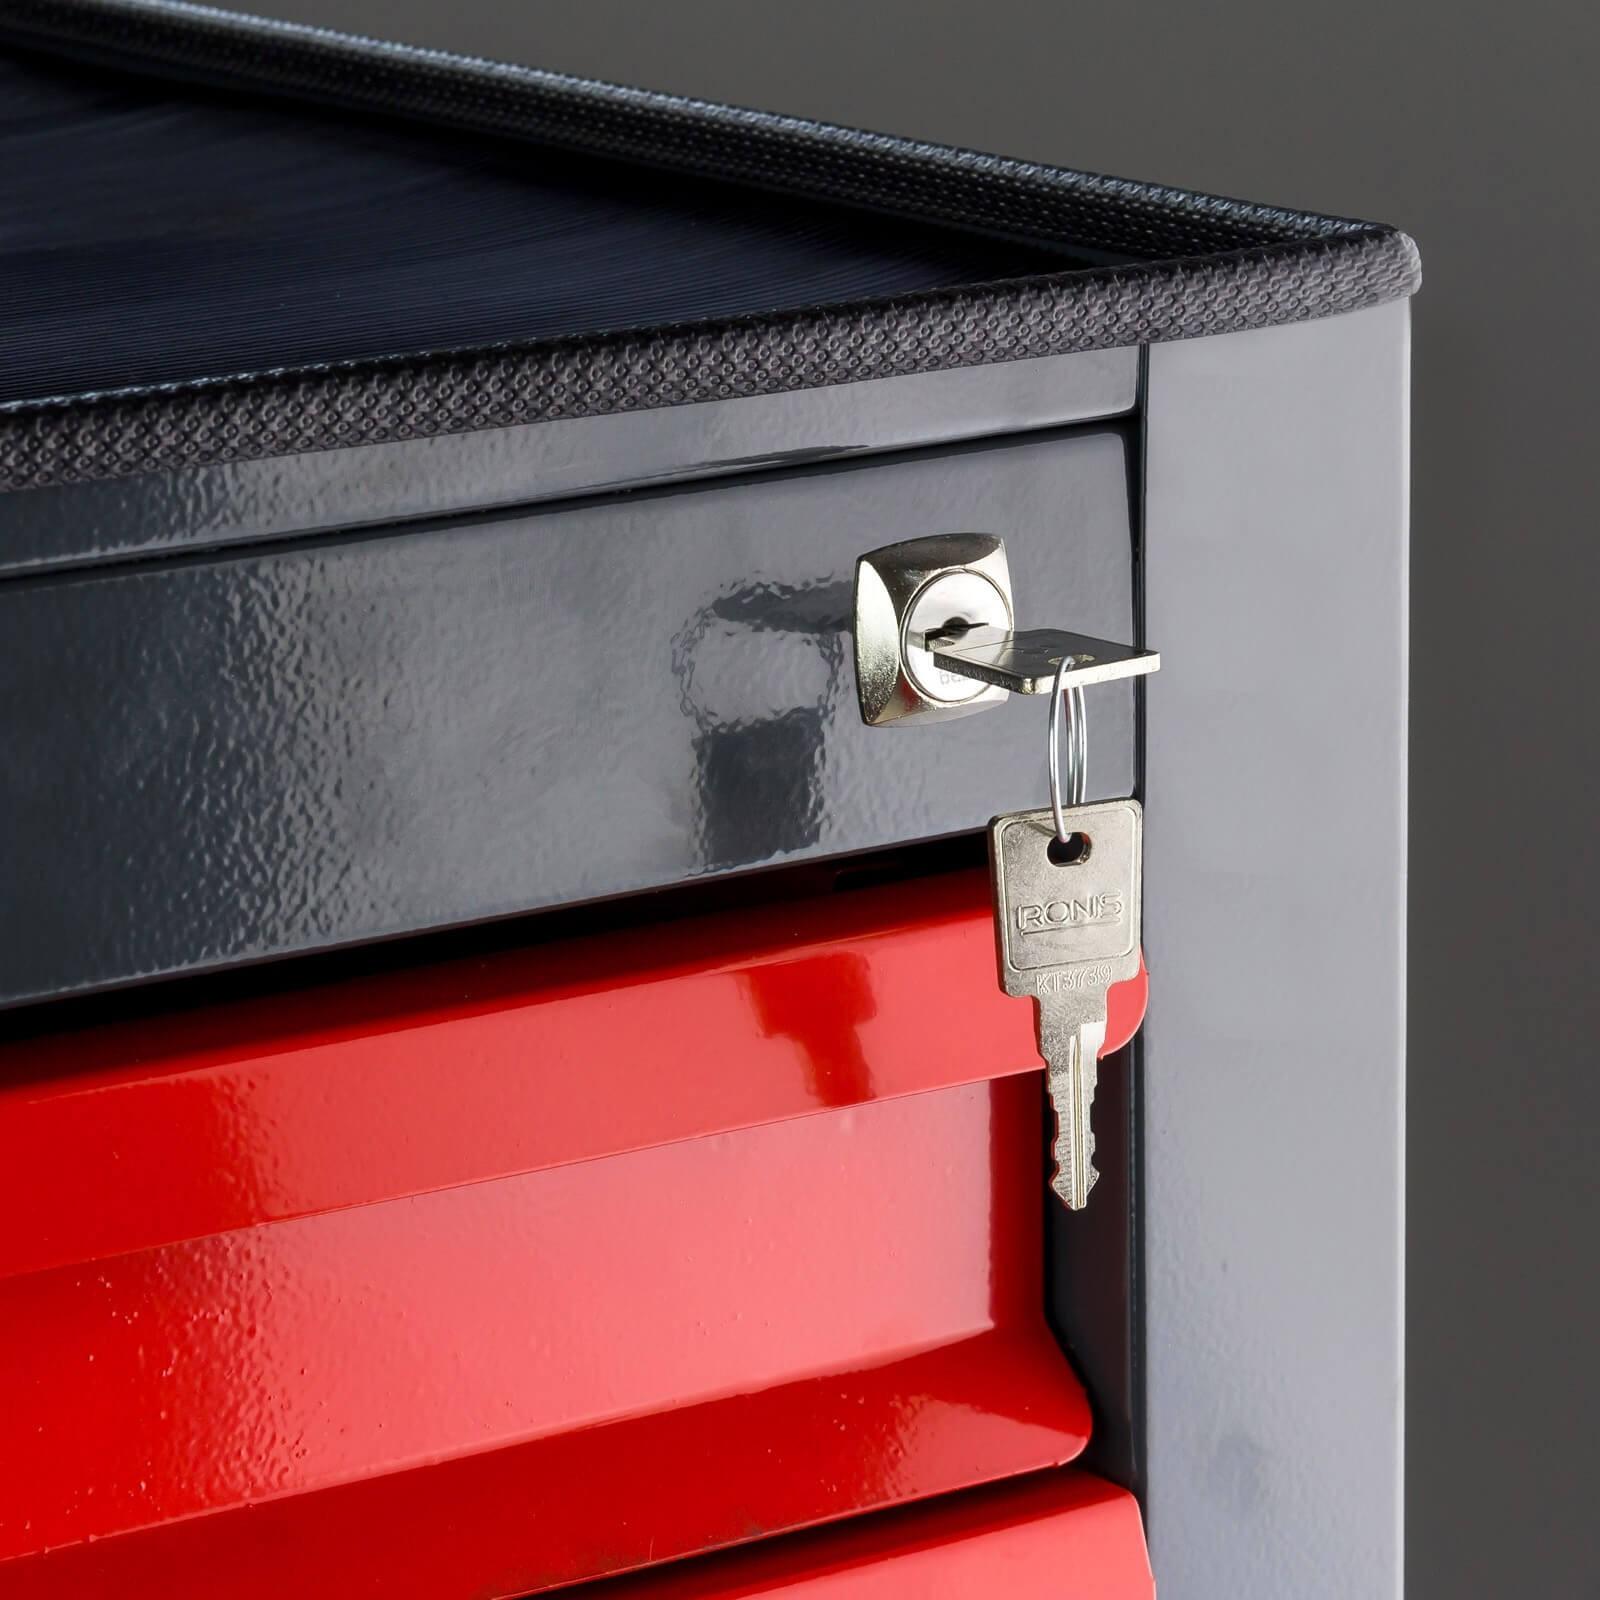 metall schubladenschrank / werkzeugschrank fernando maxi 10